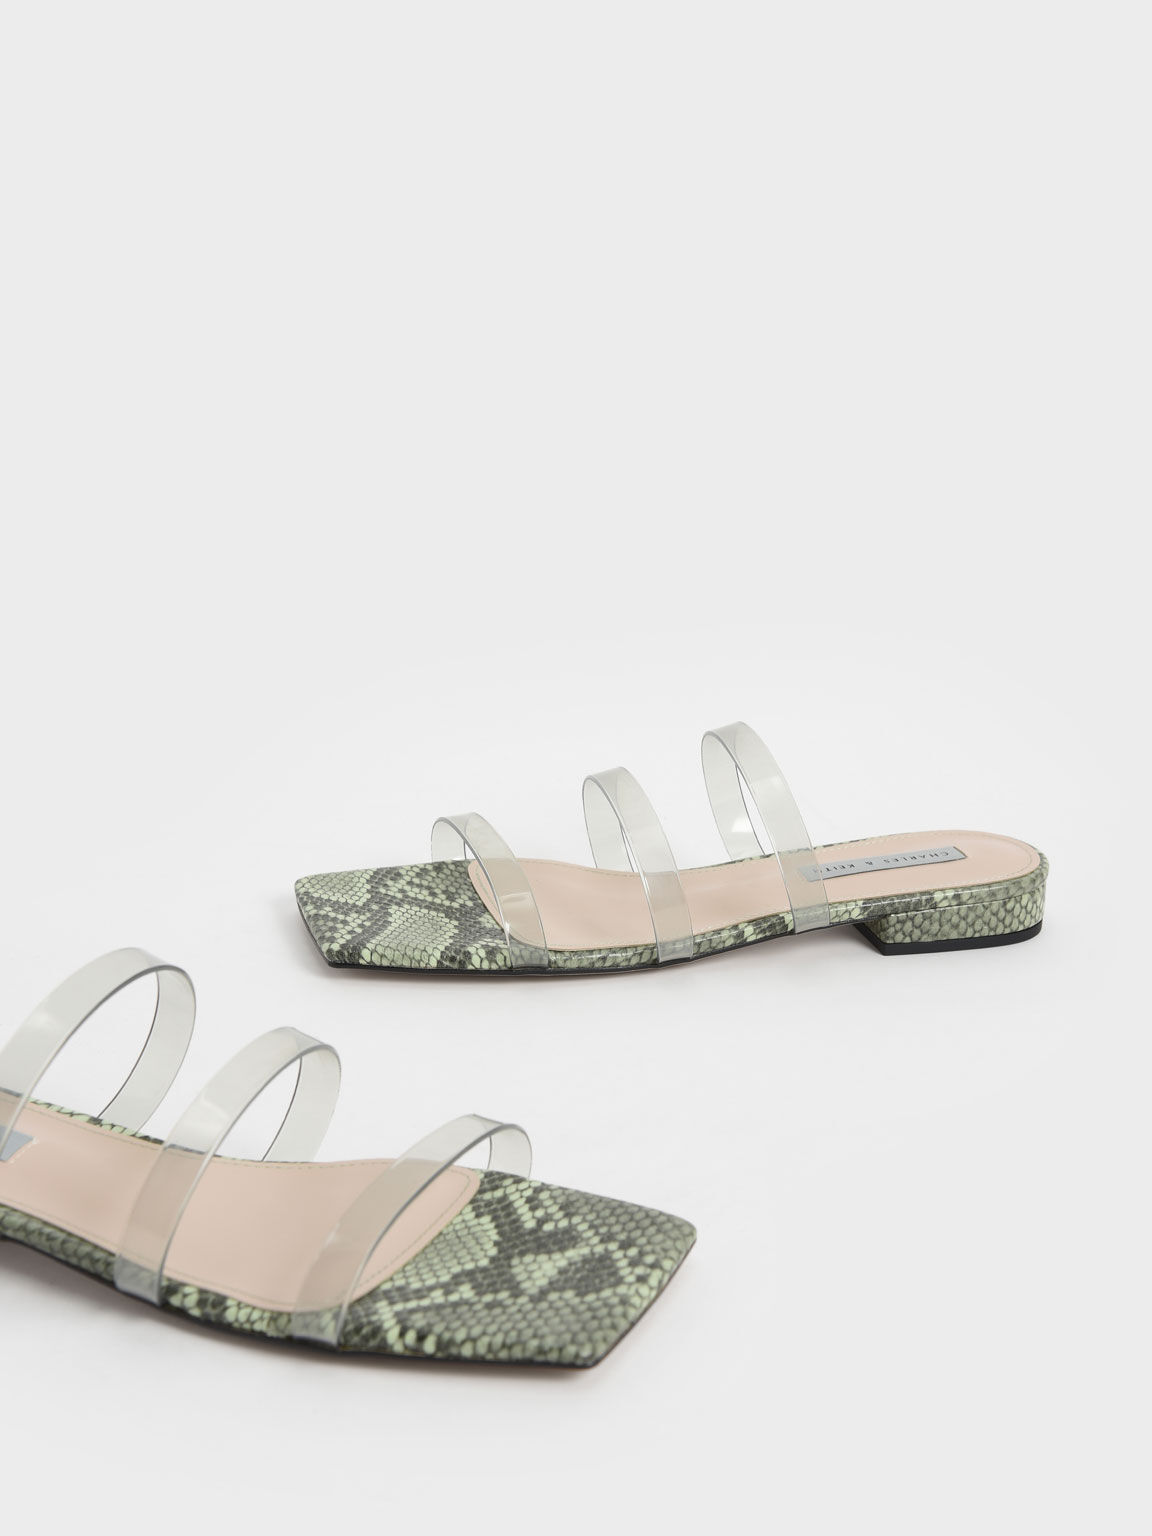 Clear Strap Snake Print Slide Sandals, Animal Print Green, hi-res